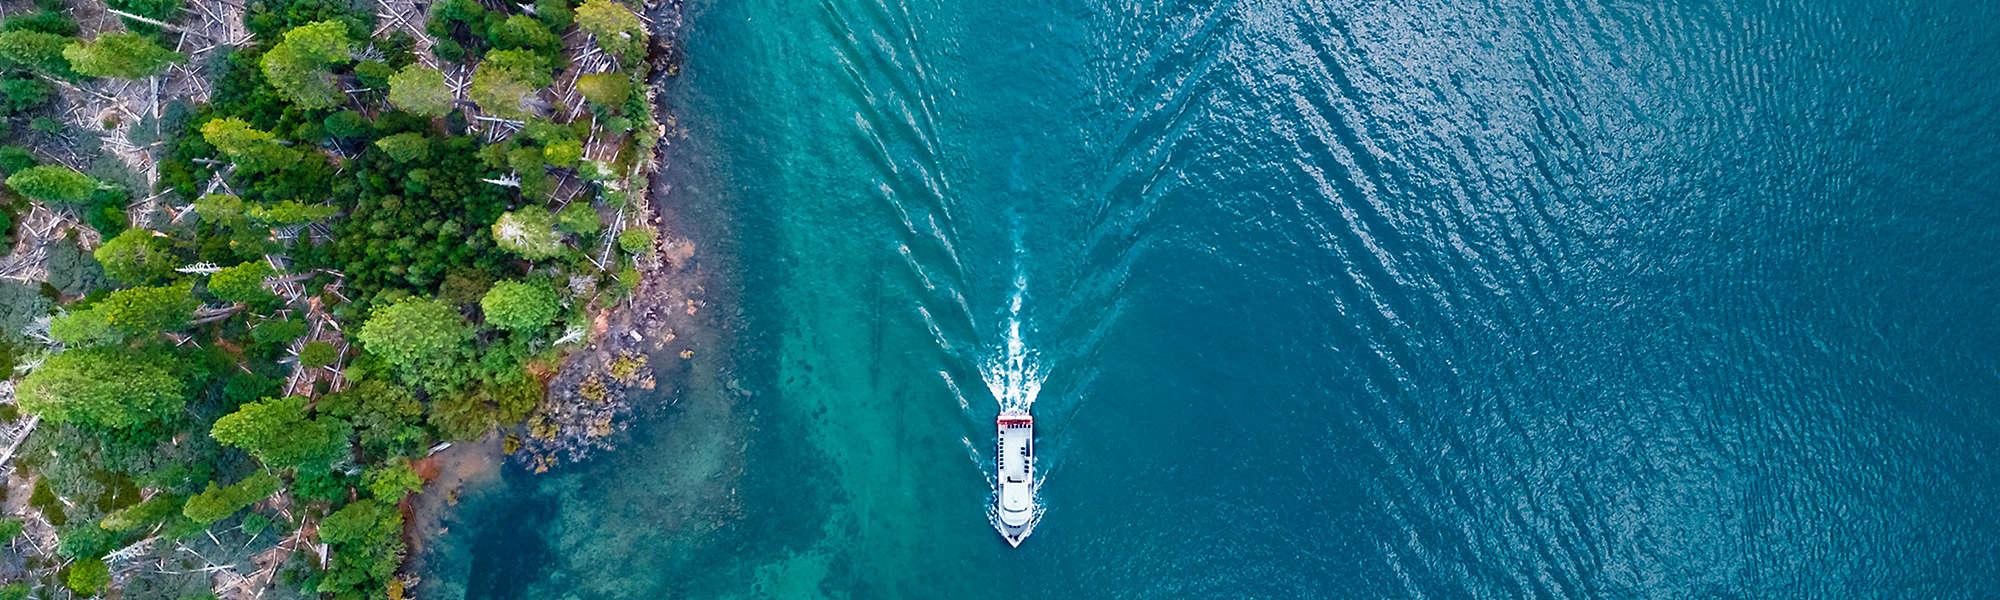 Aerial shore boat Lake Tahoe